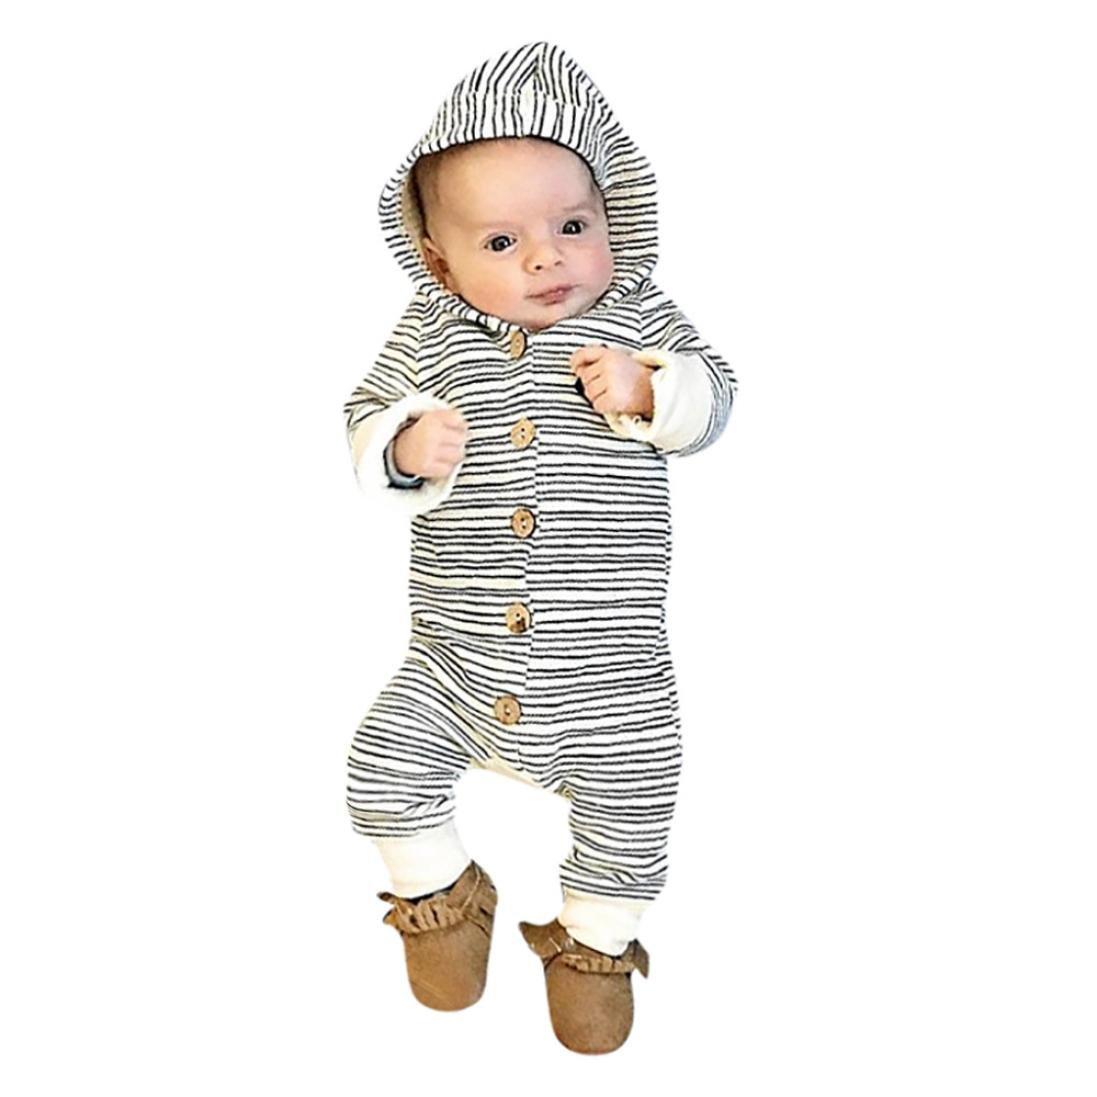 Xshuai - Ensemble de pyjama - Bébé (fille) 0 à 24 mois